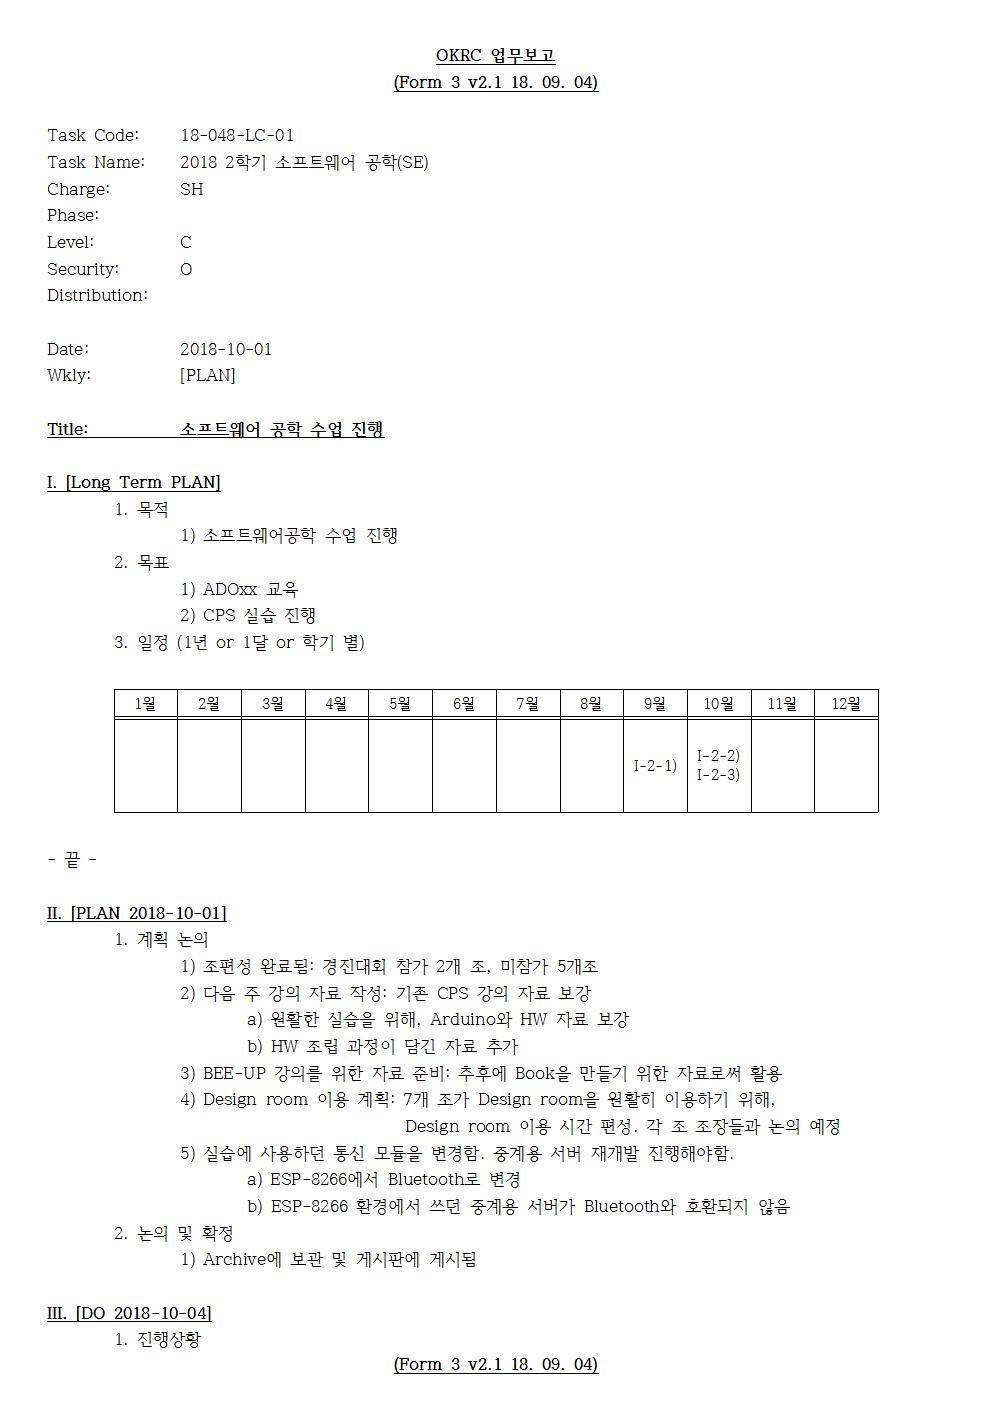 D-[18-048-LC-01]-[SE]-[2018-10-04][SH]001.jpg